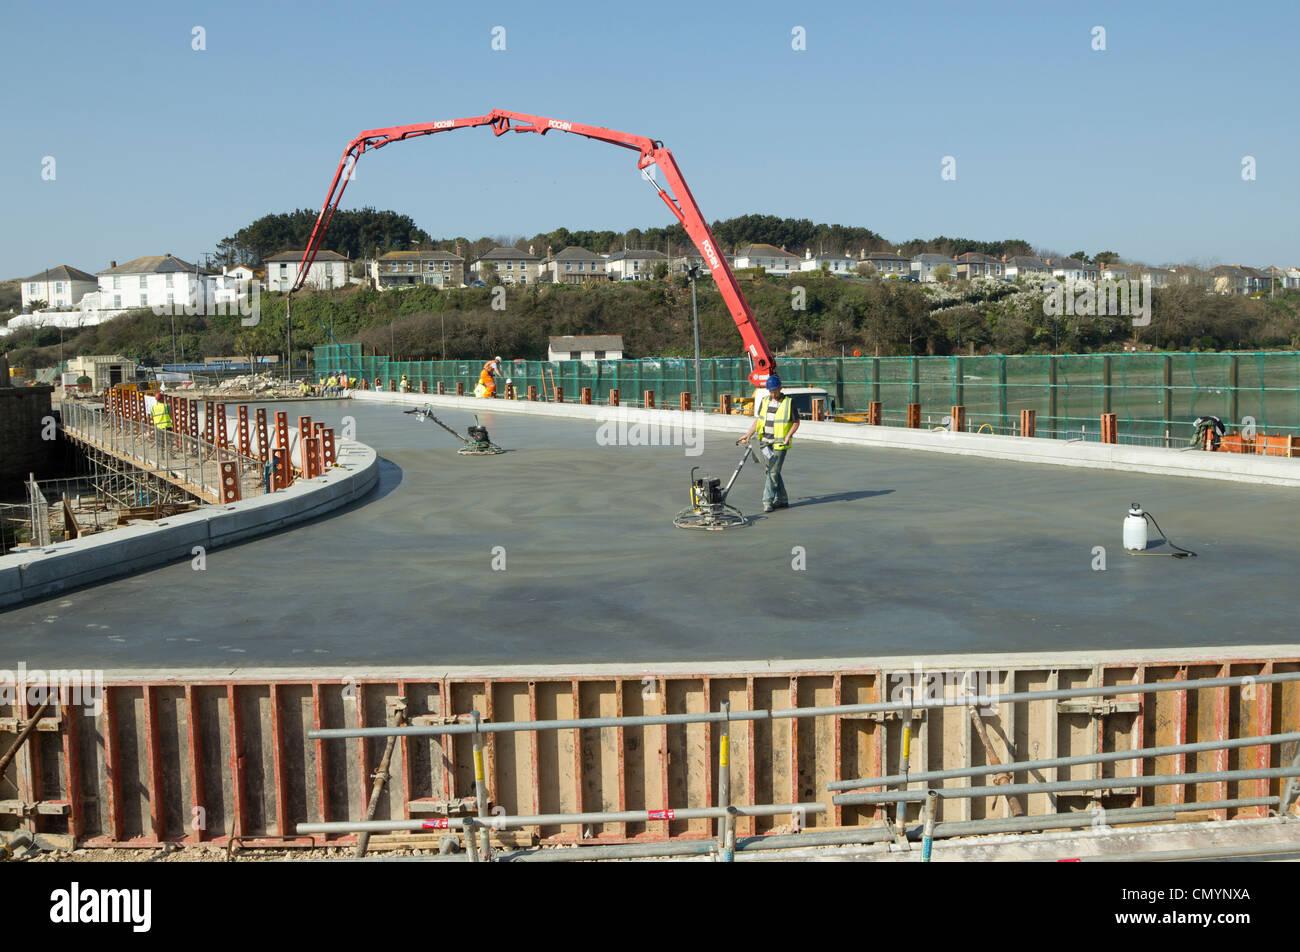 Le lissage de béton pendant la mise en place de béton pour le pont du nouveau pont sur Copperhouse extérieure à Hayle, Cornwall, UK. Banque D'Images